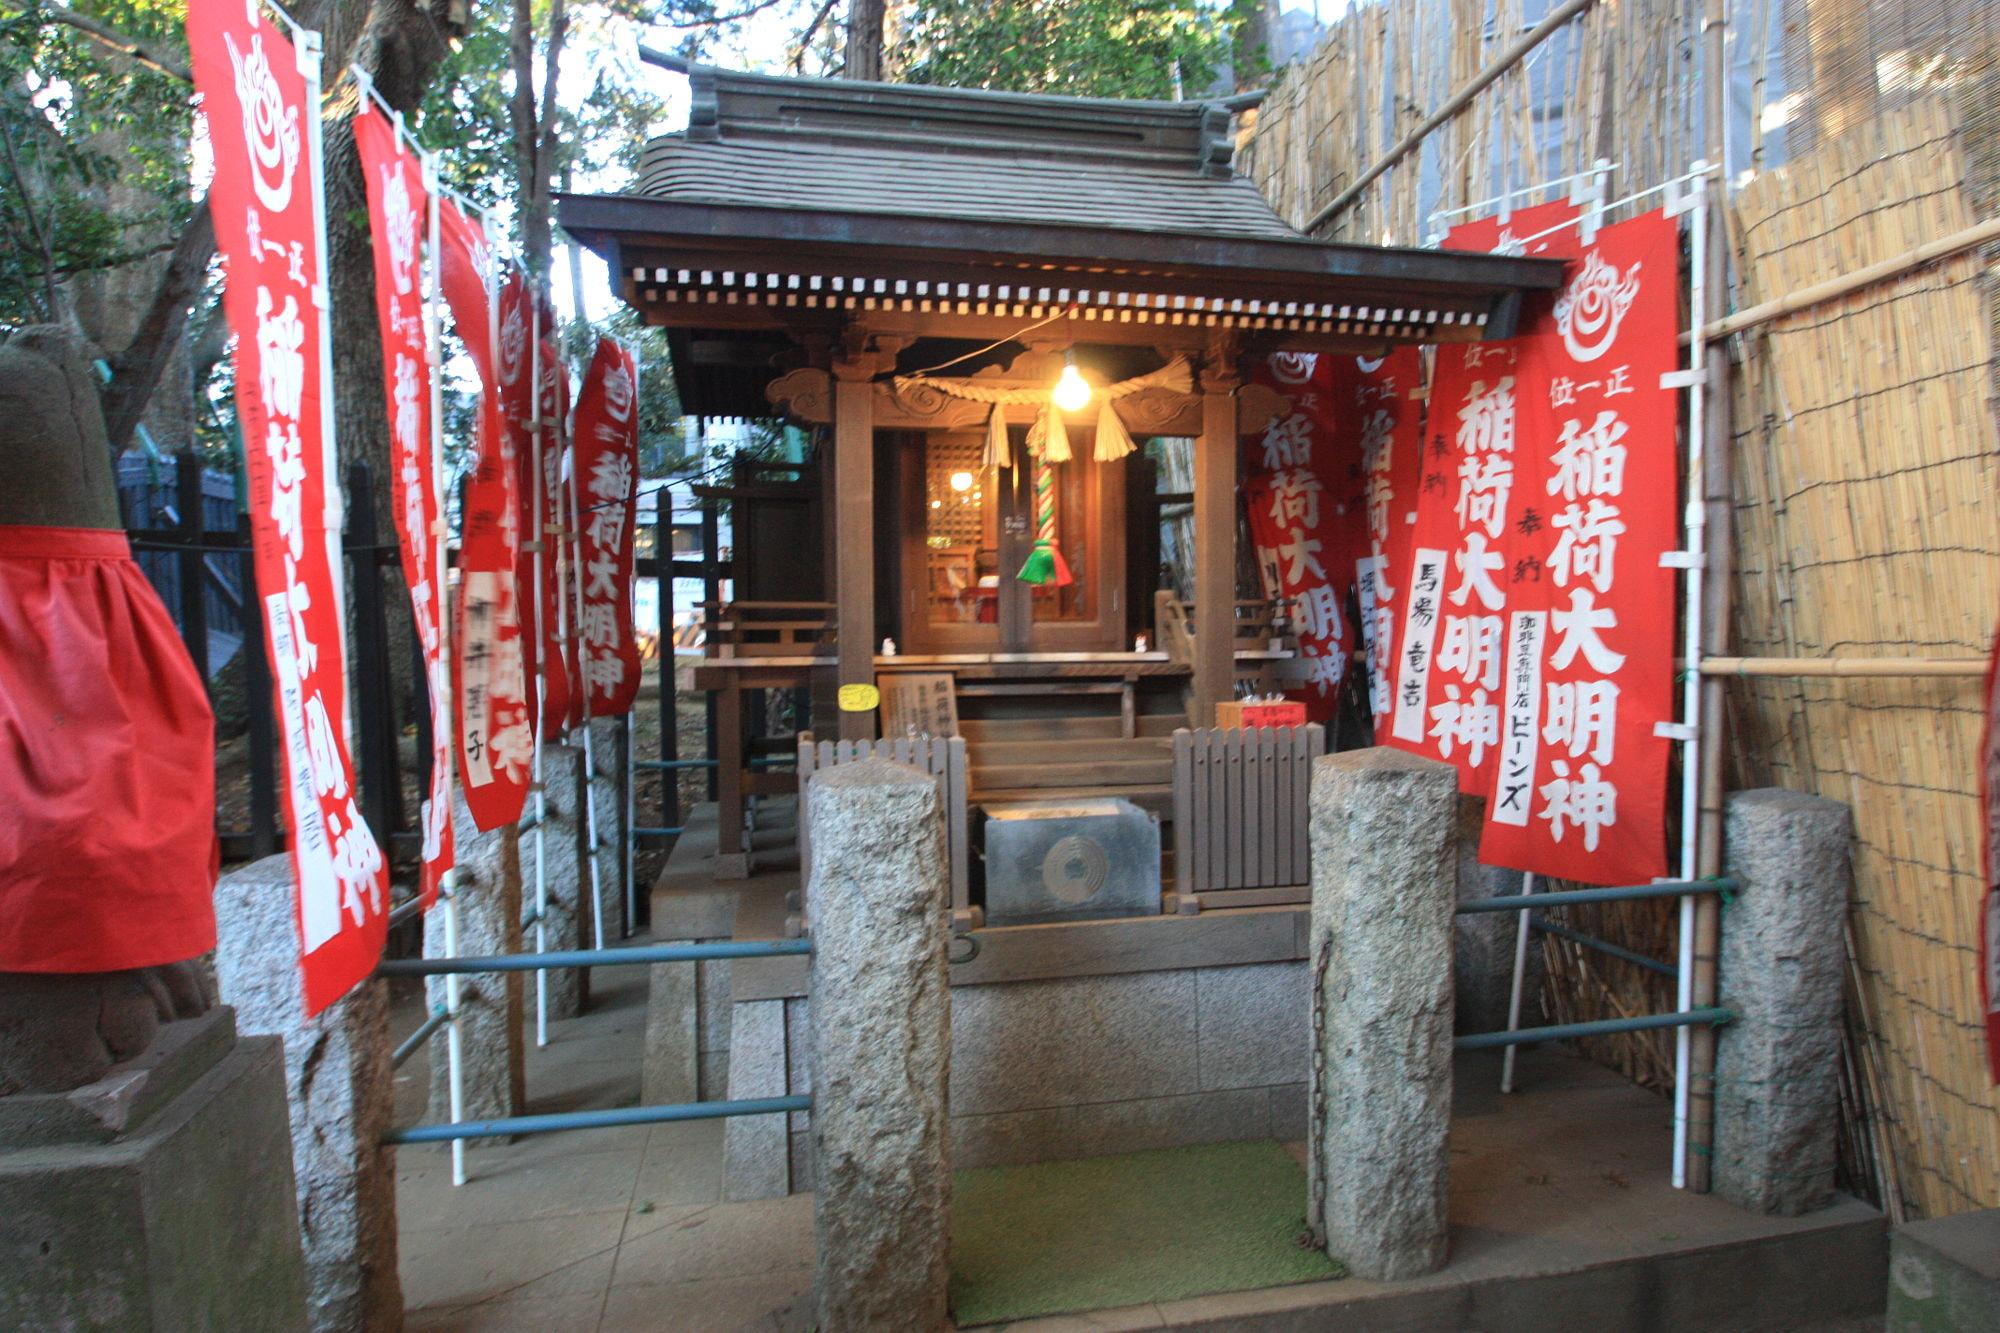 稲荷神社の祠